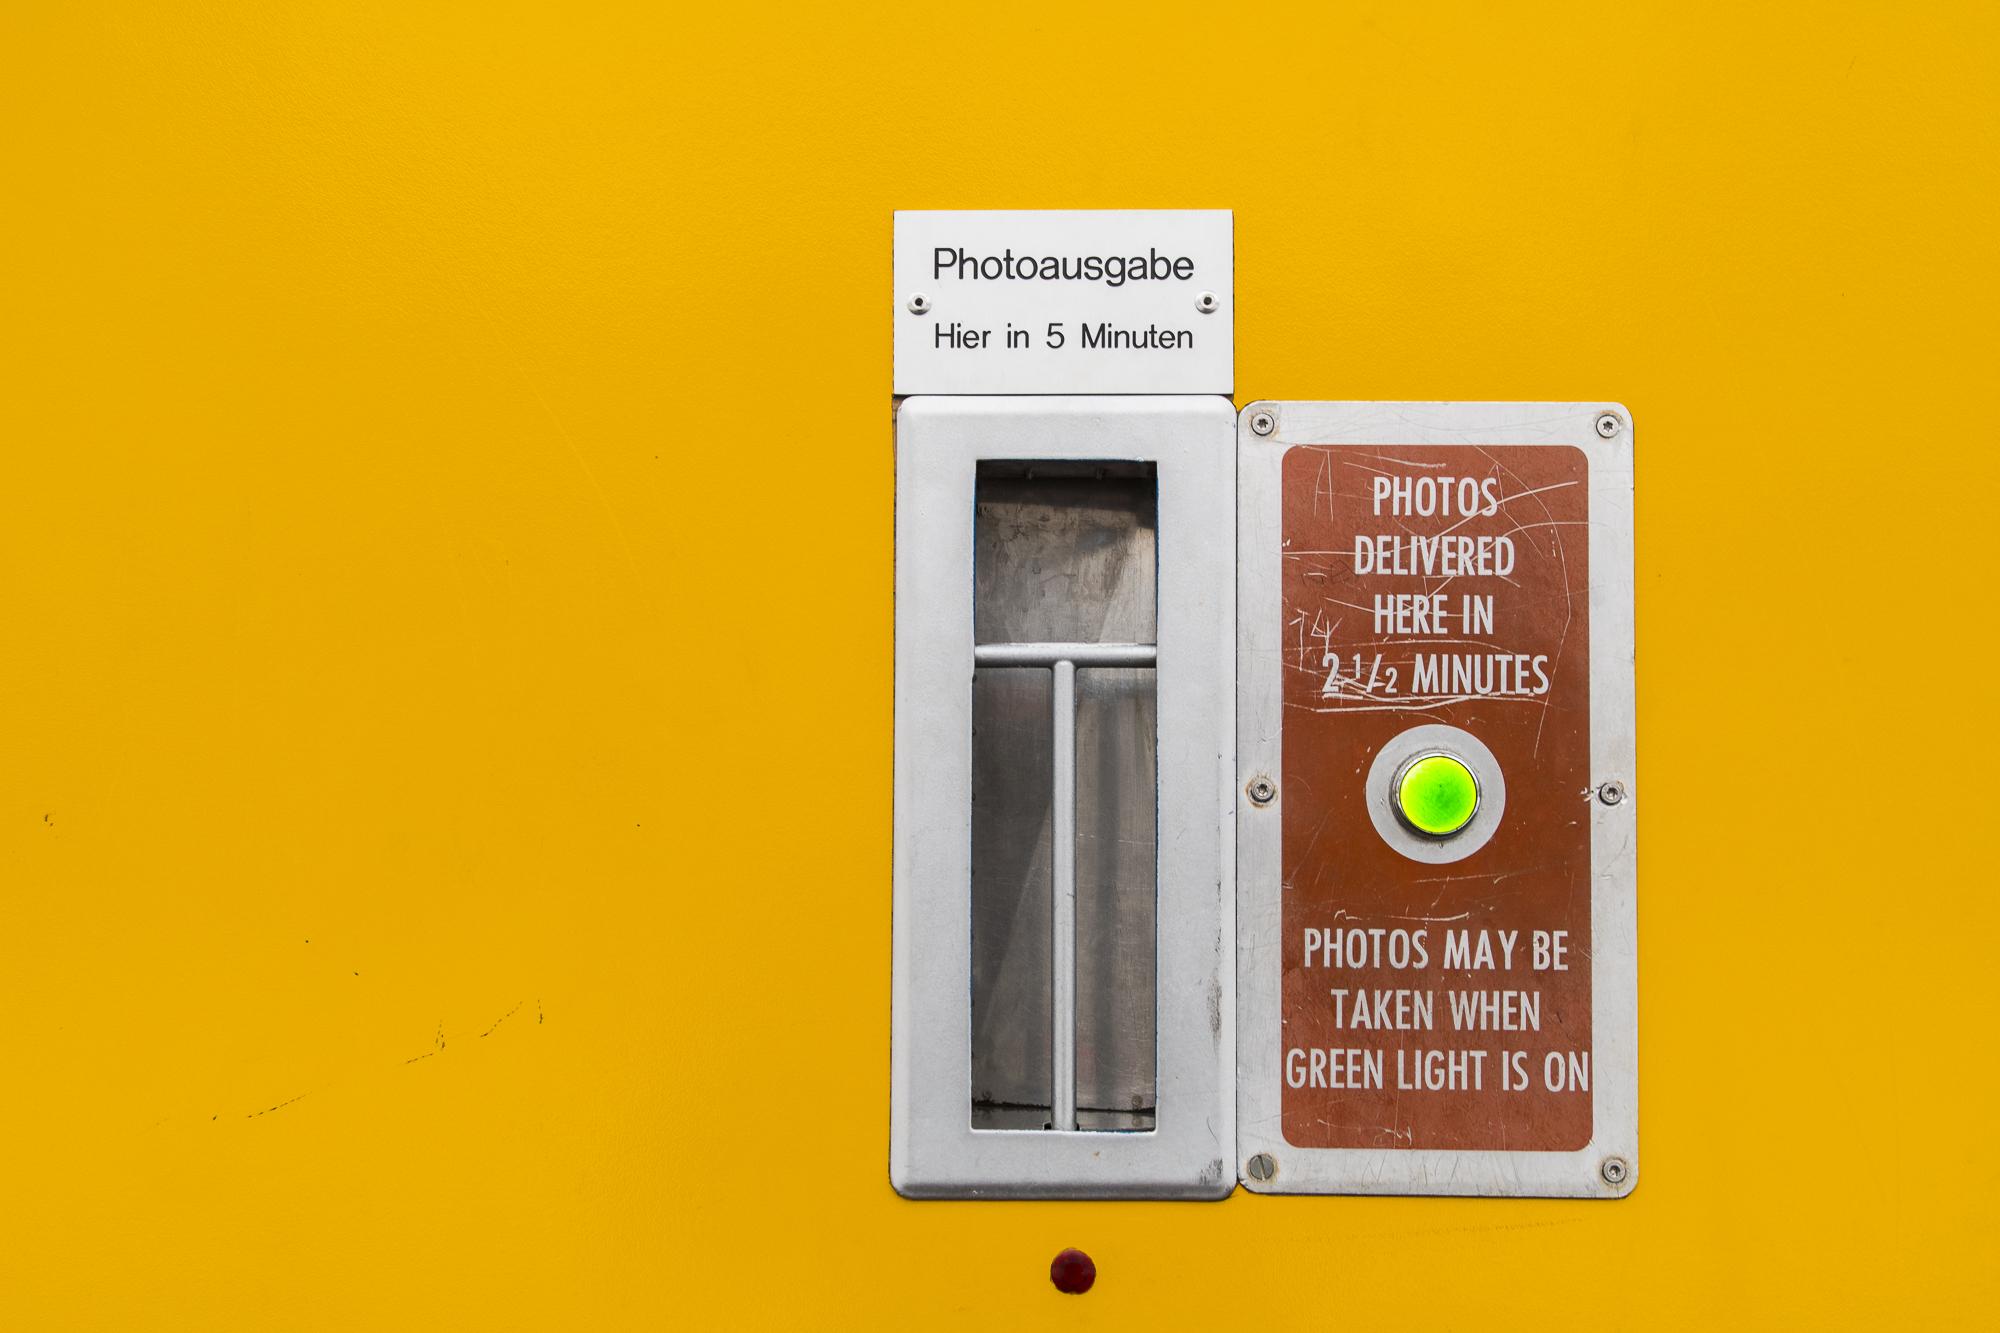 PHOTOGRAPHY: ALEXANDER J.E. BRADLEY • NIKON D500 • AF-S NIKKOR 14-24MM F/2.8G ED @ 24MM • F/5.6 • 1/50 • ISO 400